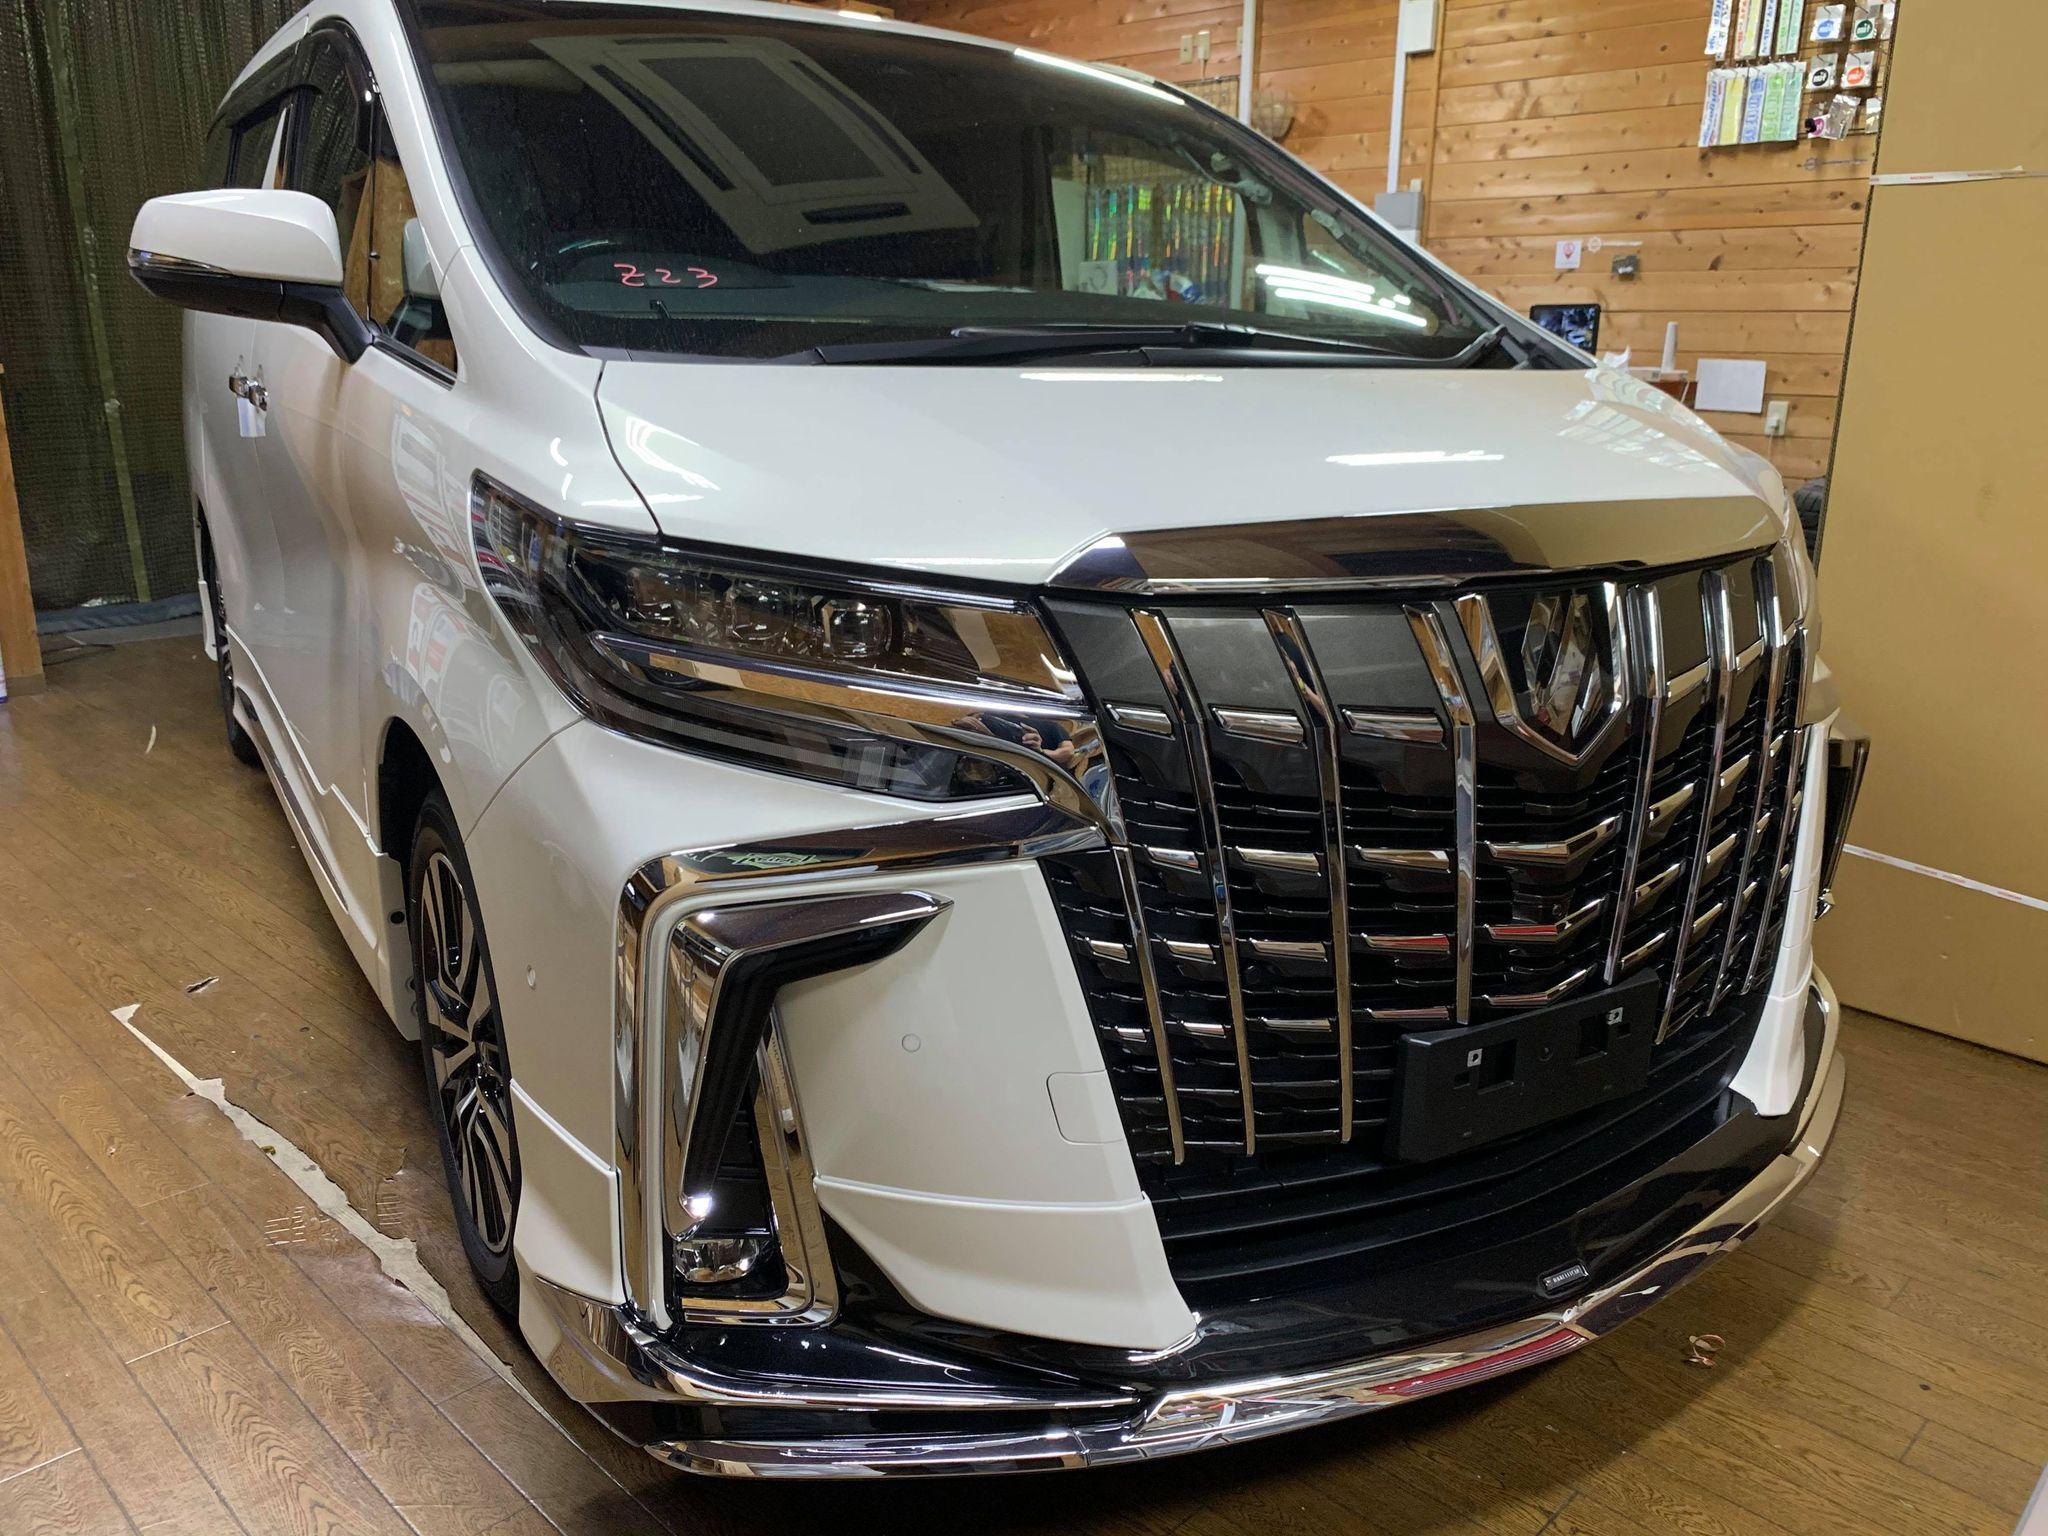 新車からご相談ください。アルファードにセキュリティーパンテーラ+デジタルイモビライザーイグラ+脱JBLオーディオシステム搭載!